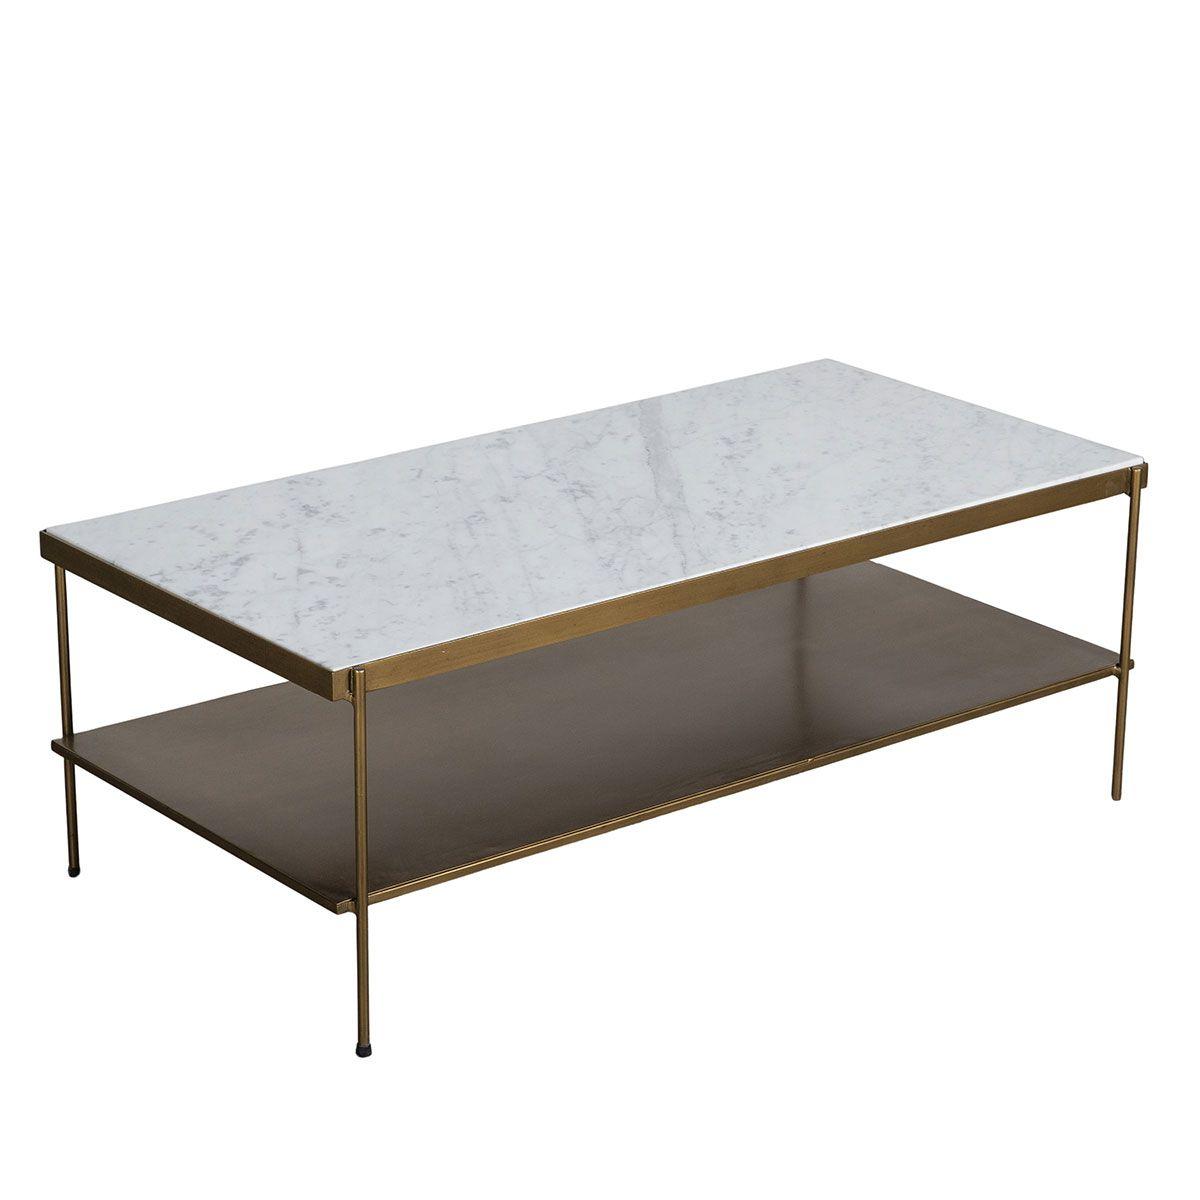 Table basse plateau marbre et métal blanc